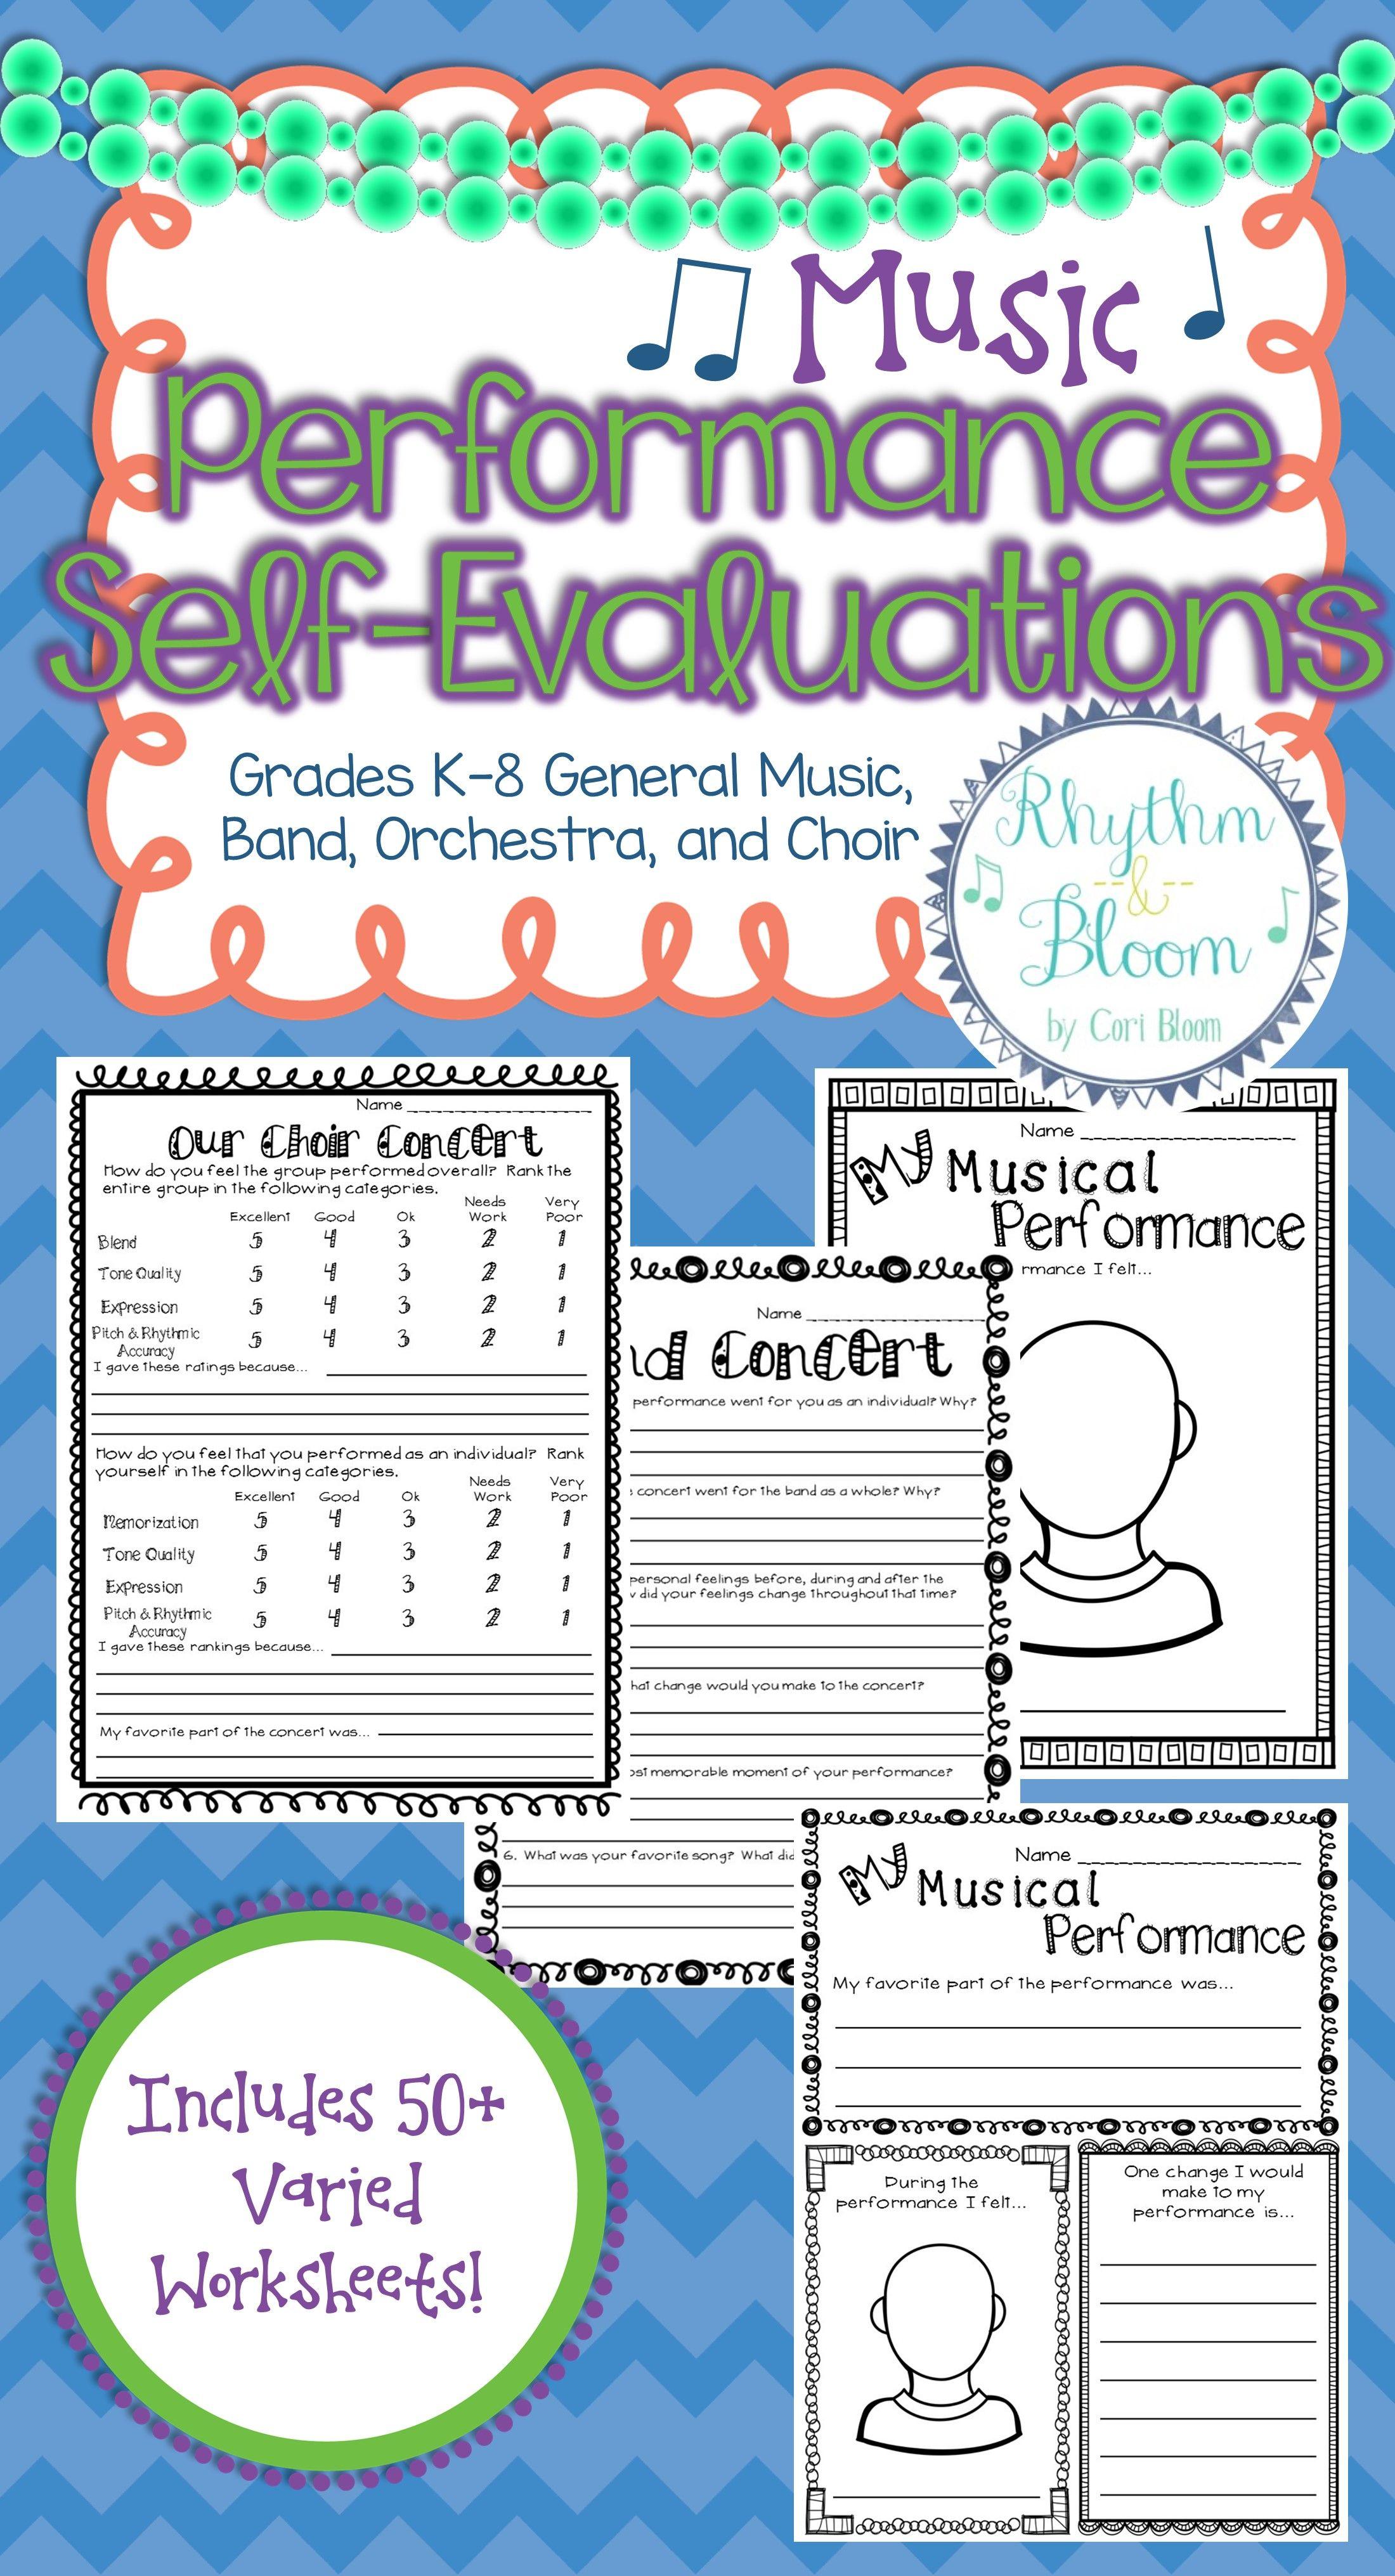 worksheet Band Worksheets performance self evaluation worksheets bundle choir orchestra music bundled set includes over 50 for general music